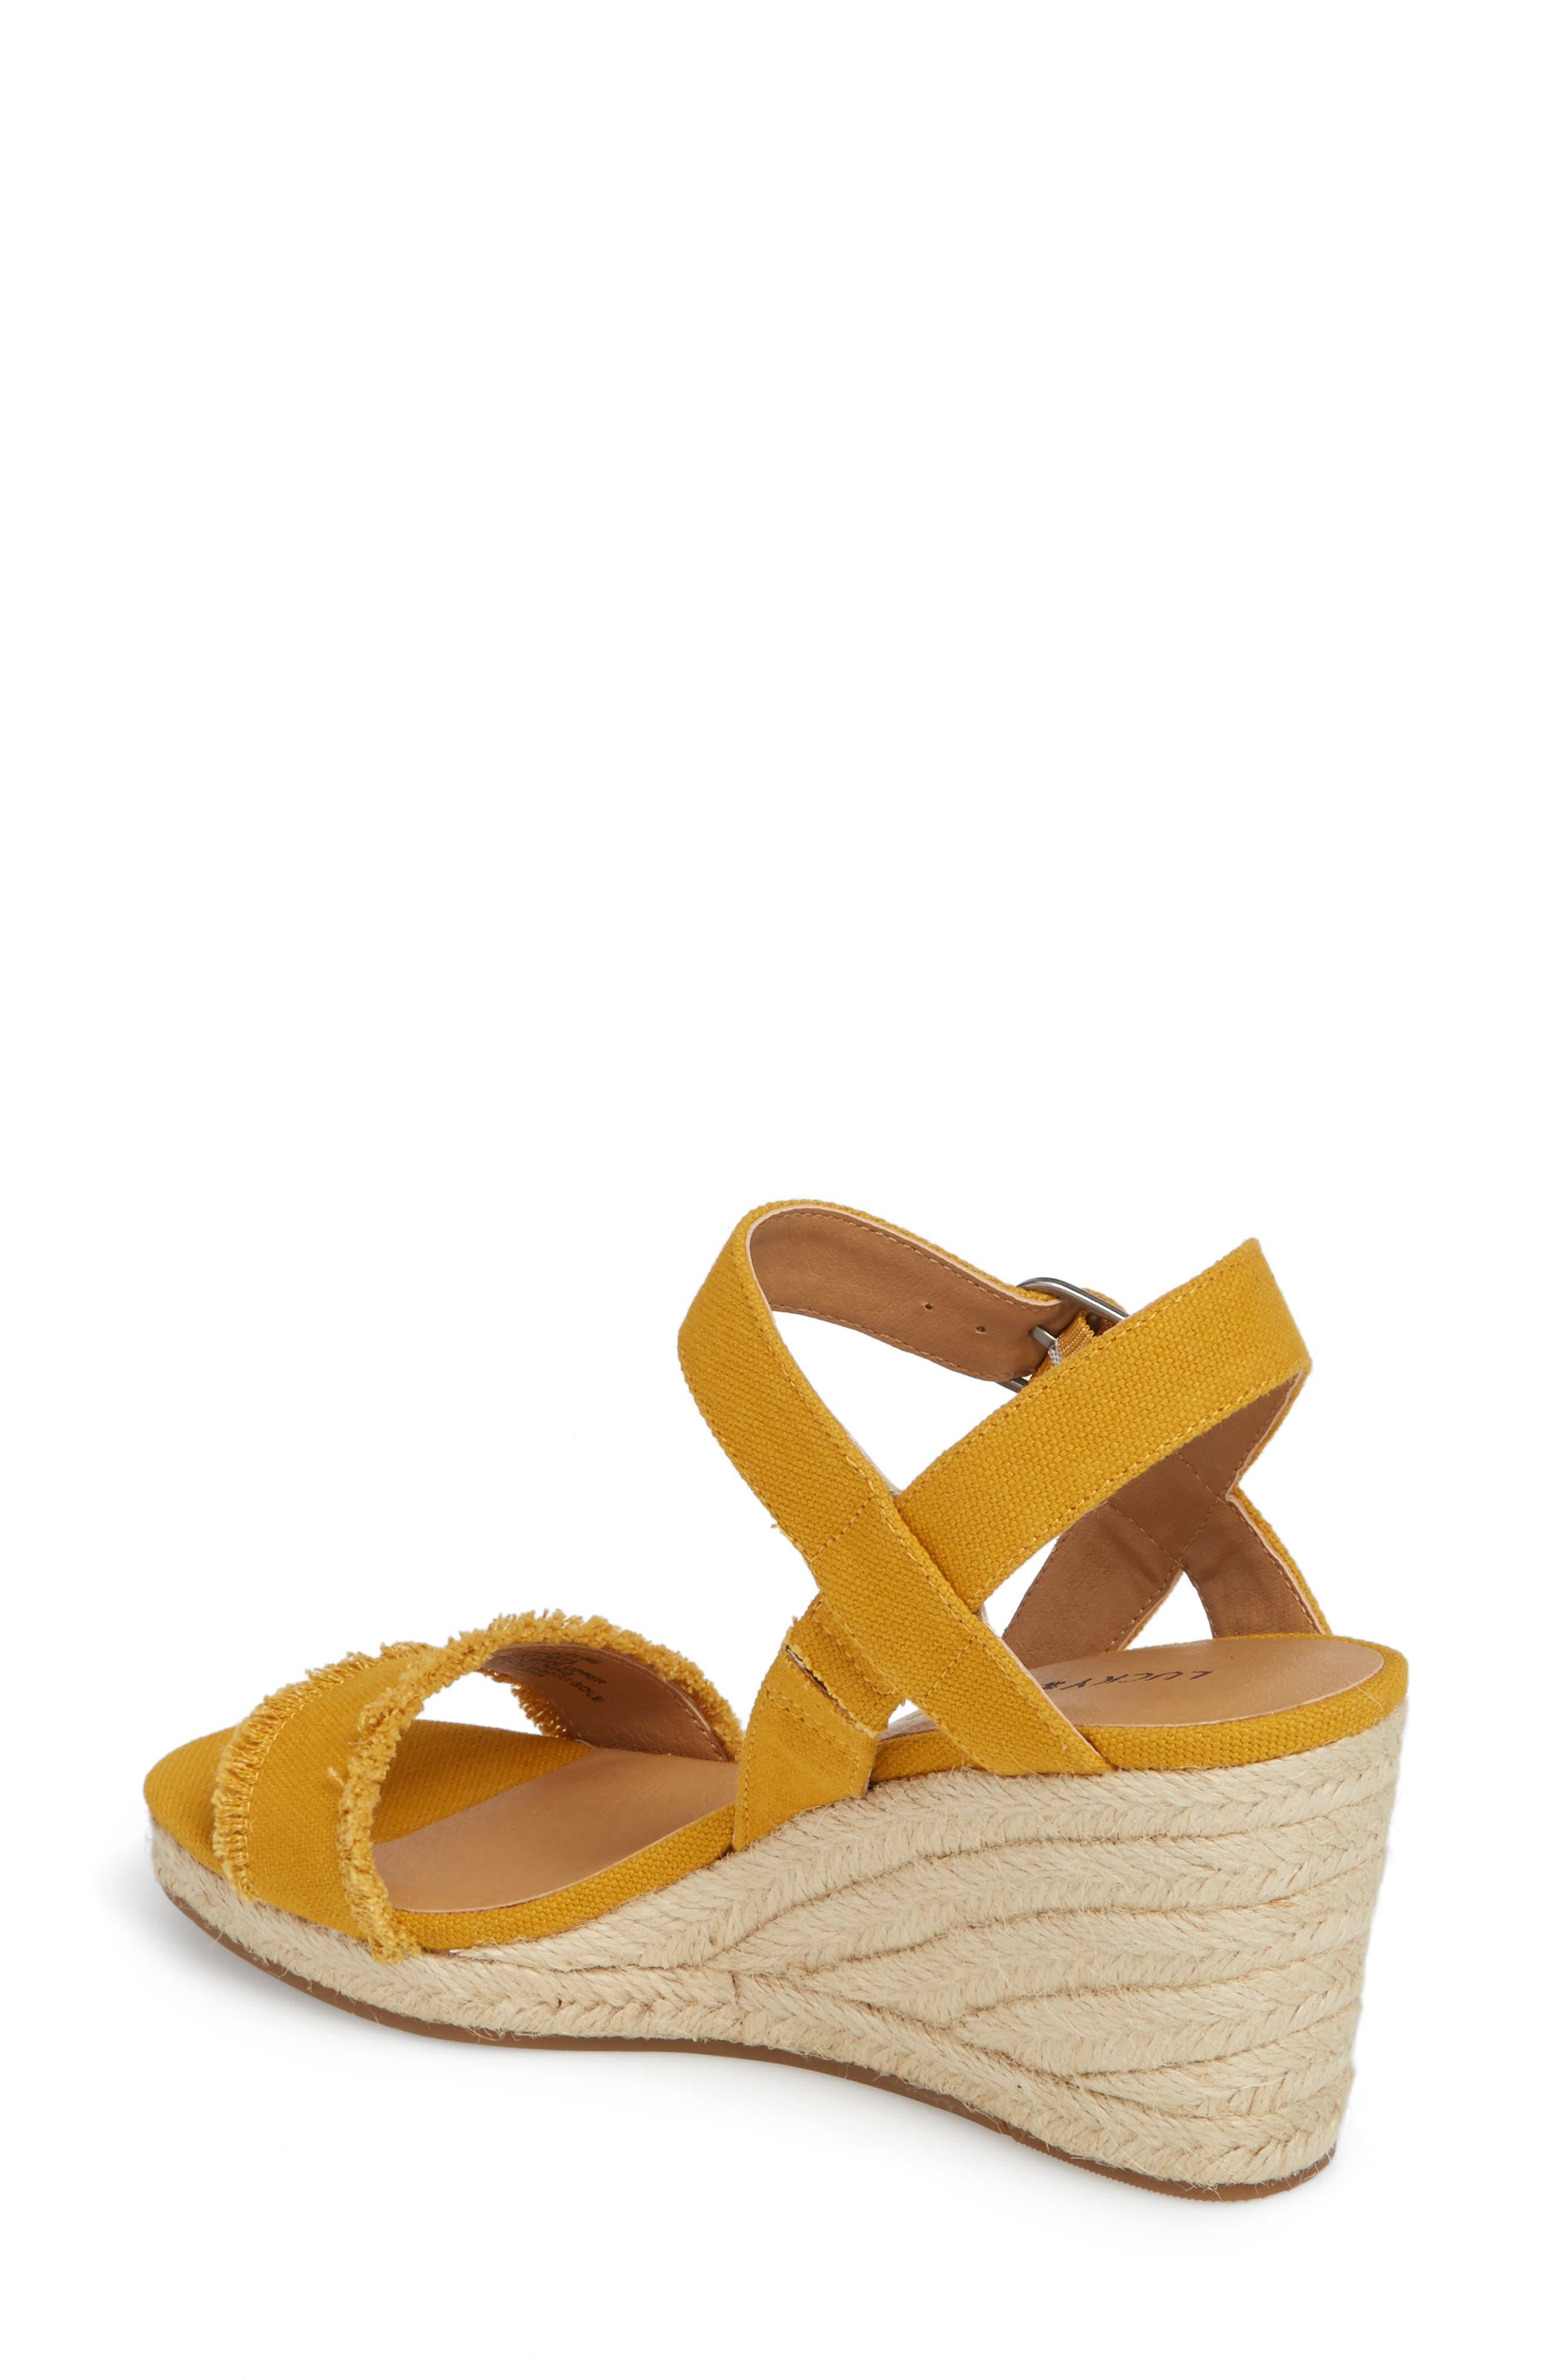 Marceline Squared Toe Wedge Sandal,                             Alternate thumbnail 13, color,